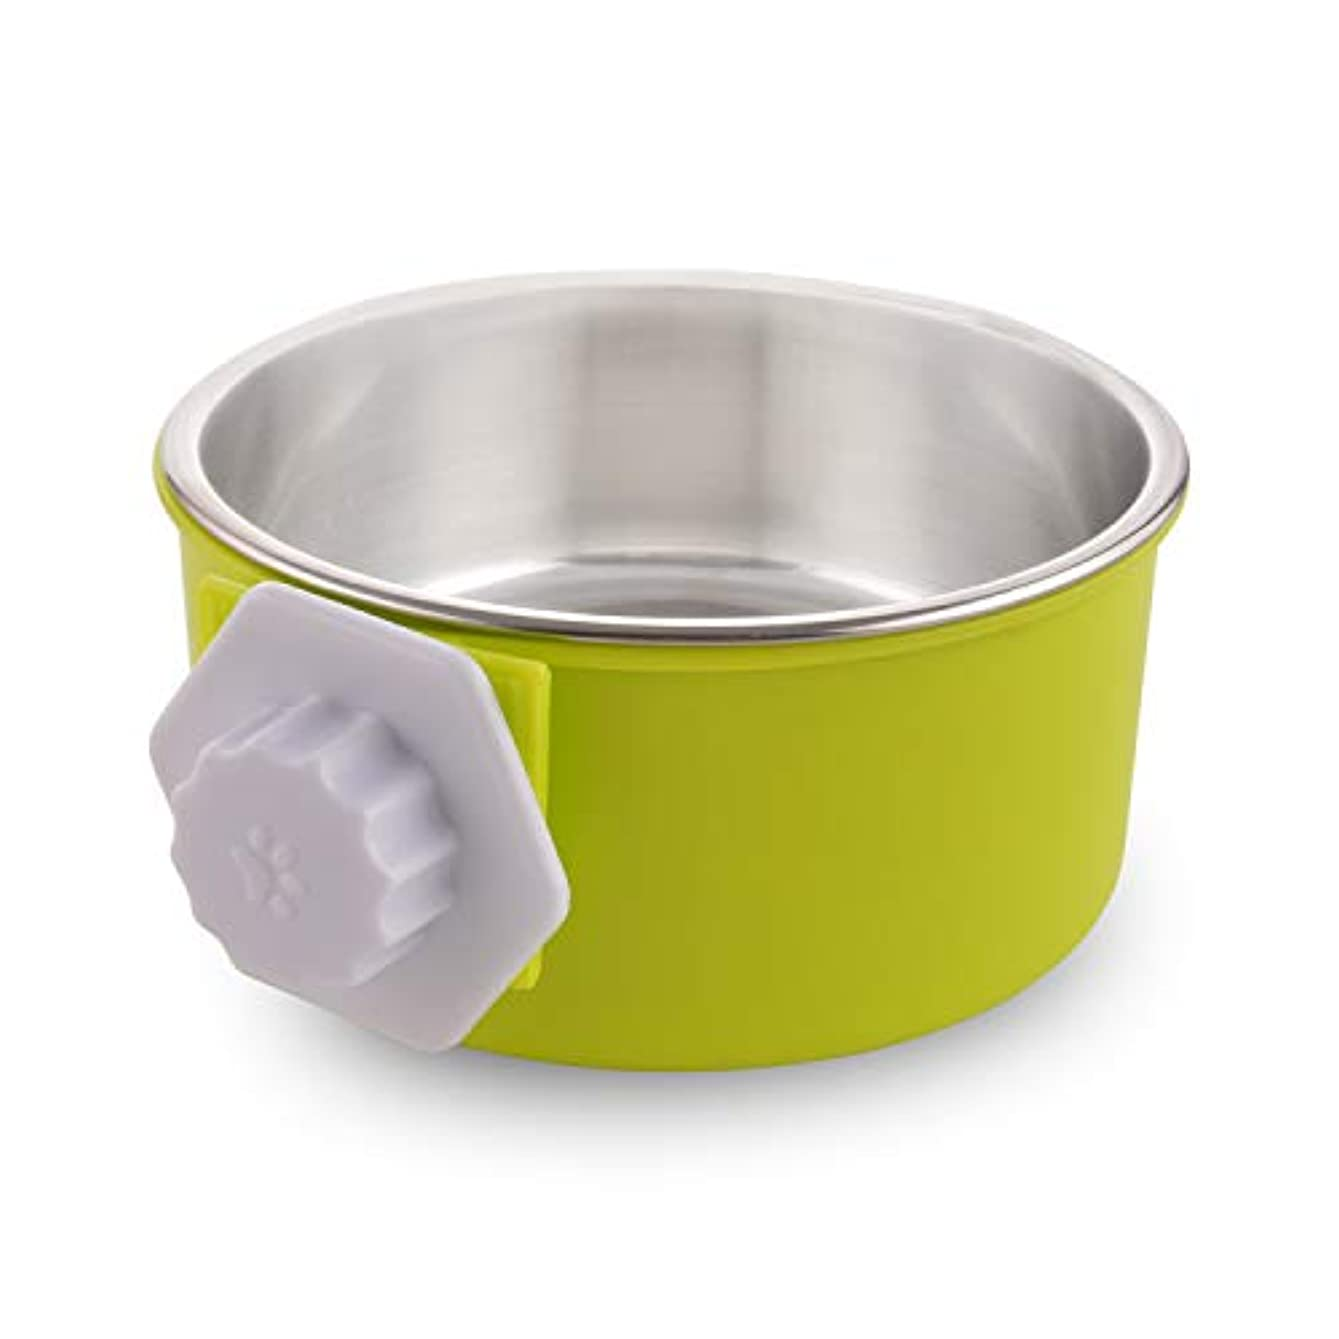 MOACC箱犬のボウル、犬のためのプラスチック子犬の送り装置の食糧水ボールが付いている取り外し可能なステンレス鋼の犬ボール